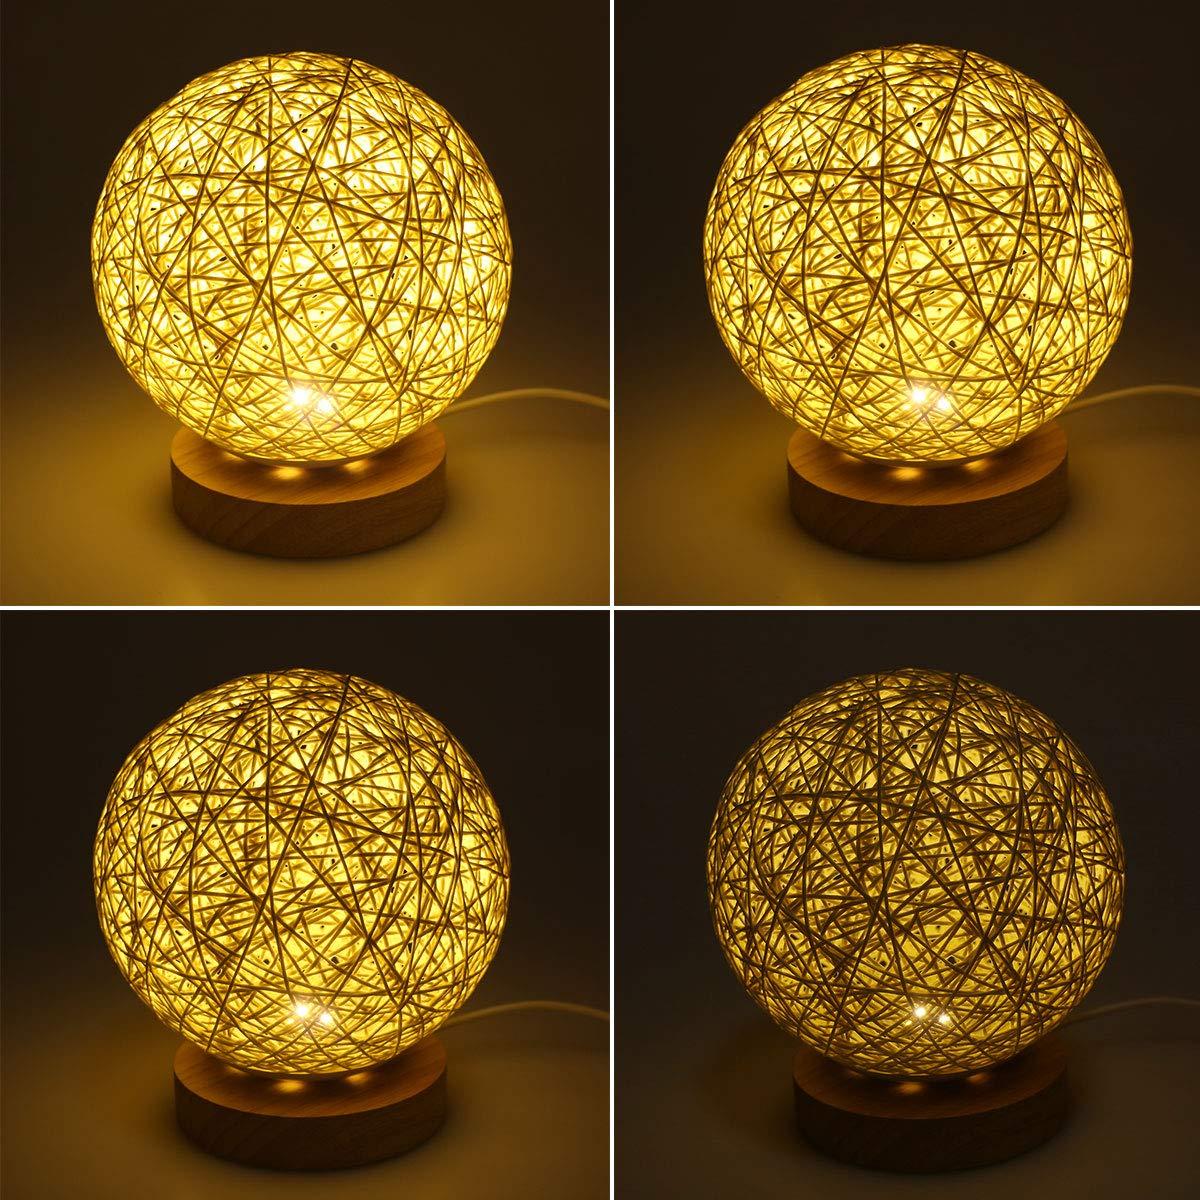 Rotin veilleuse supertech boule en rotin led table de chevet lampe de nuit pour salon chambre - Veilleuse pour salon ...